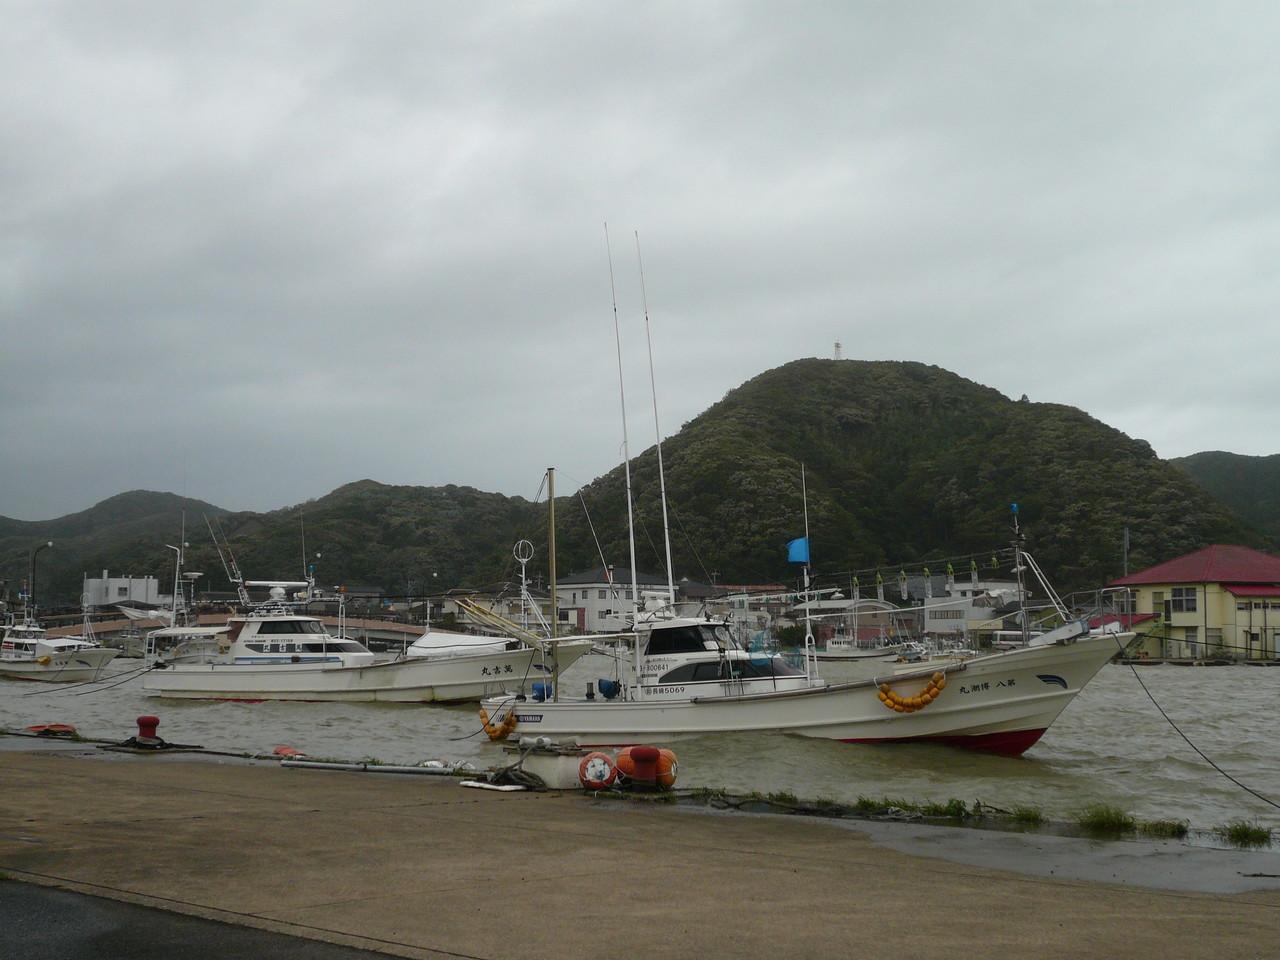 防波堤の内側は安心です 後は吹き戻しの風に注意します